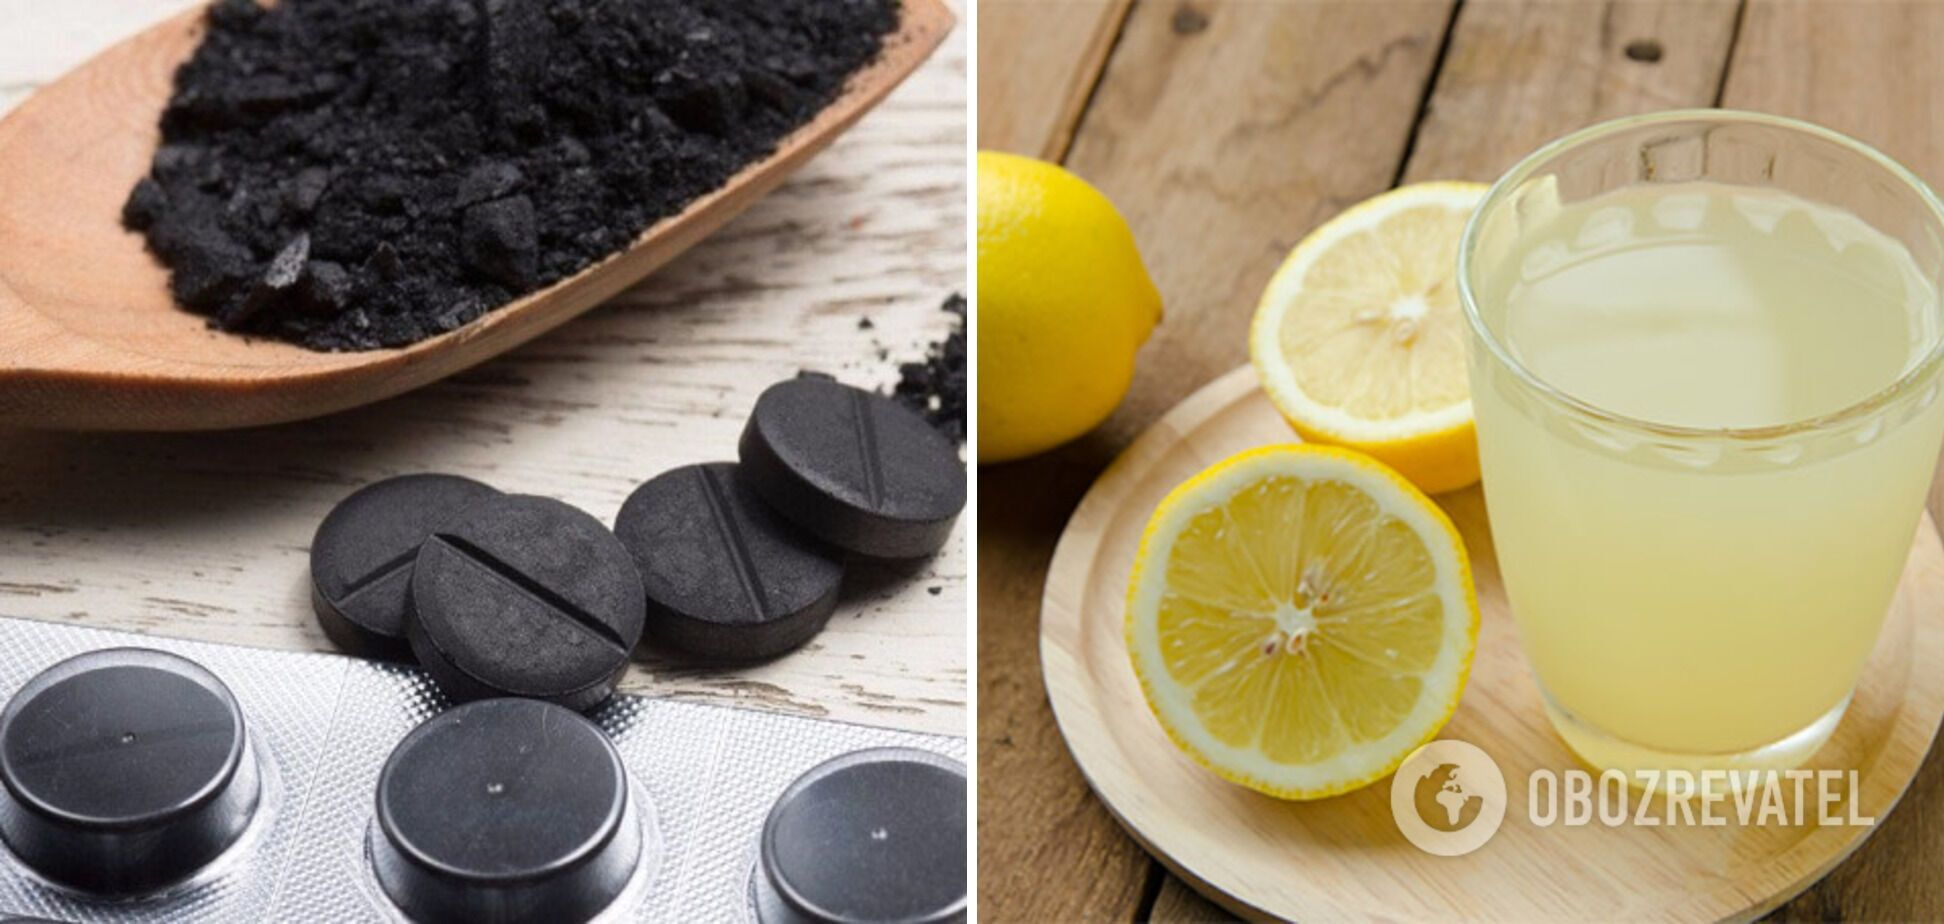 Активоване вугілля та лимонний сік – усувають неприємний запах із холодильника